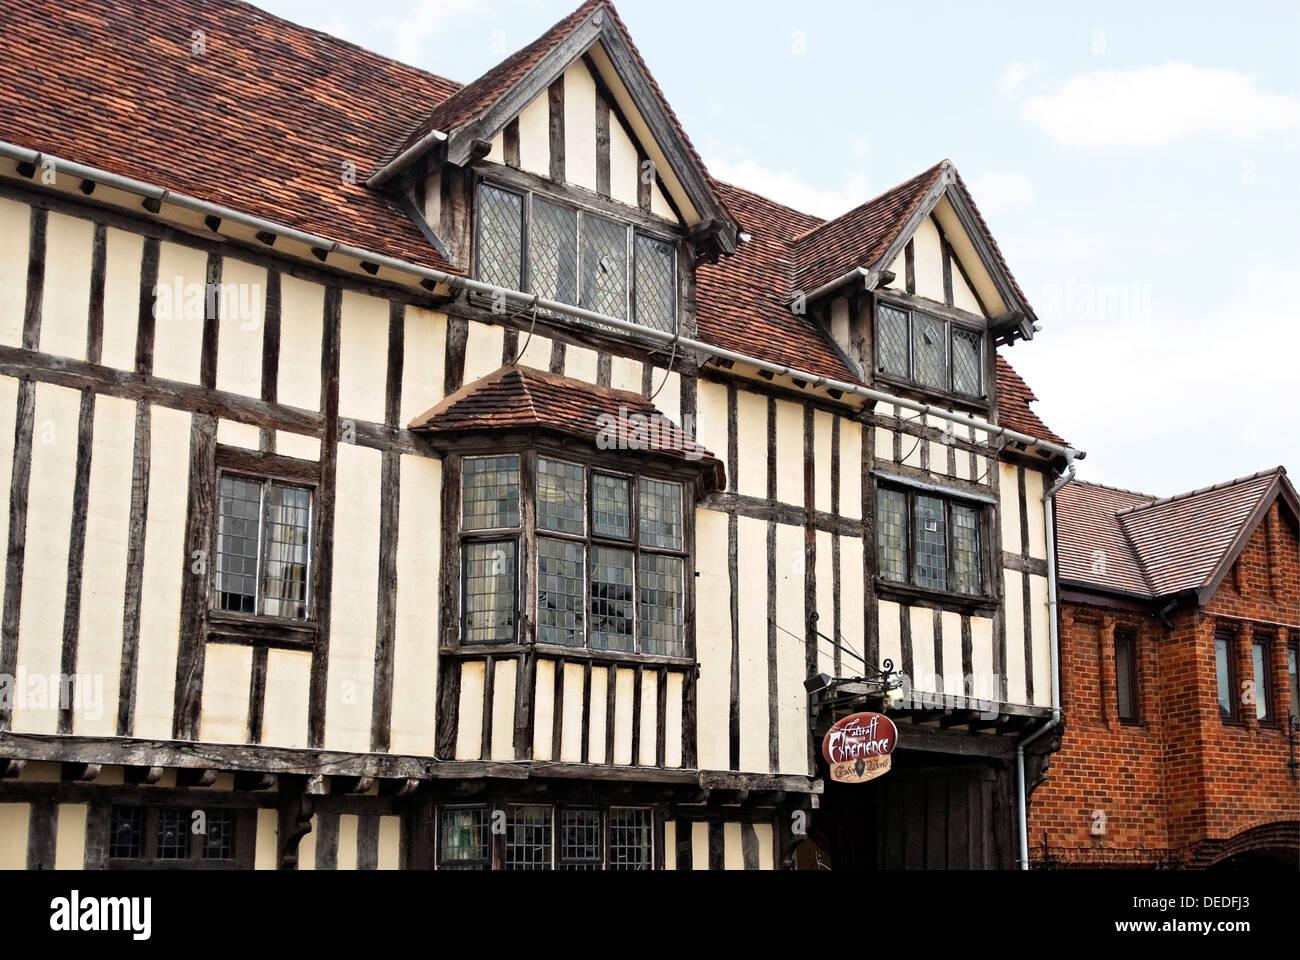 L'expérience de Falstaff à Stratford upon Avon, une attraction touristique primée qui apporte au xvie siècle, à la vie. Photo Stock